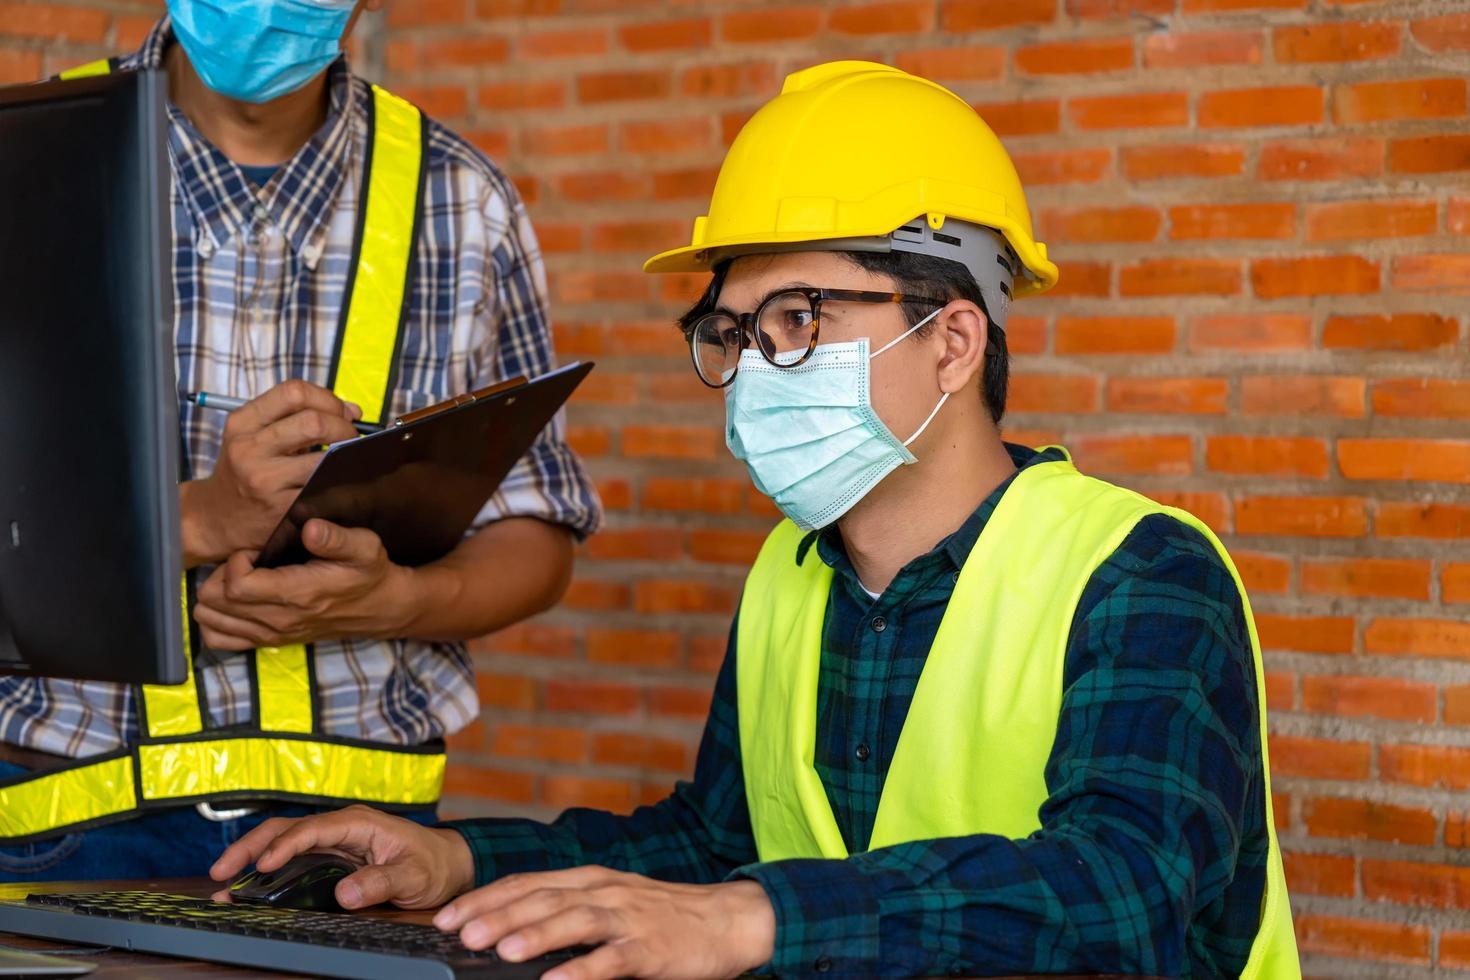 man met beschermende uitrusting met computer foto